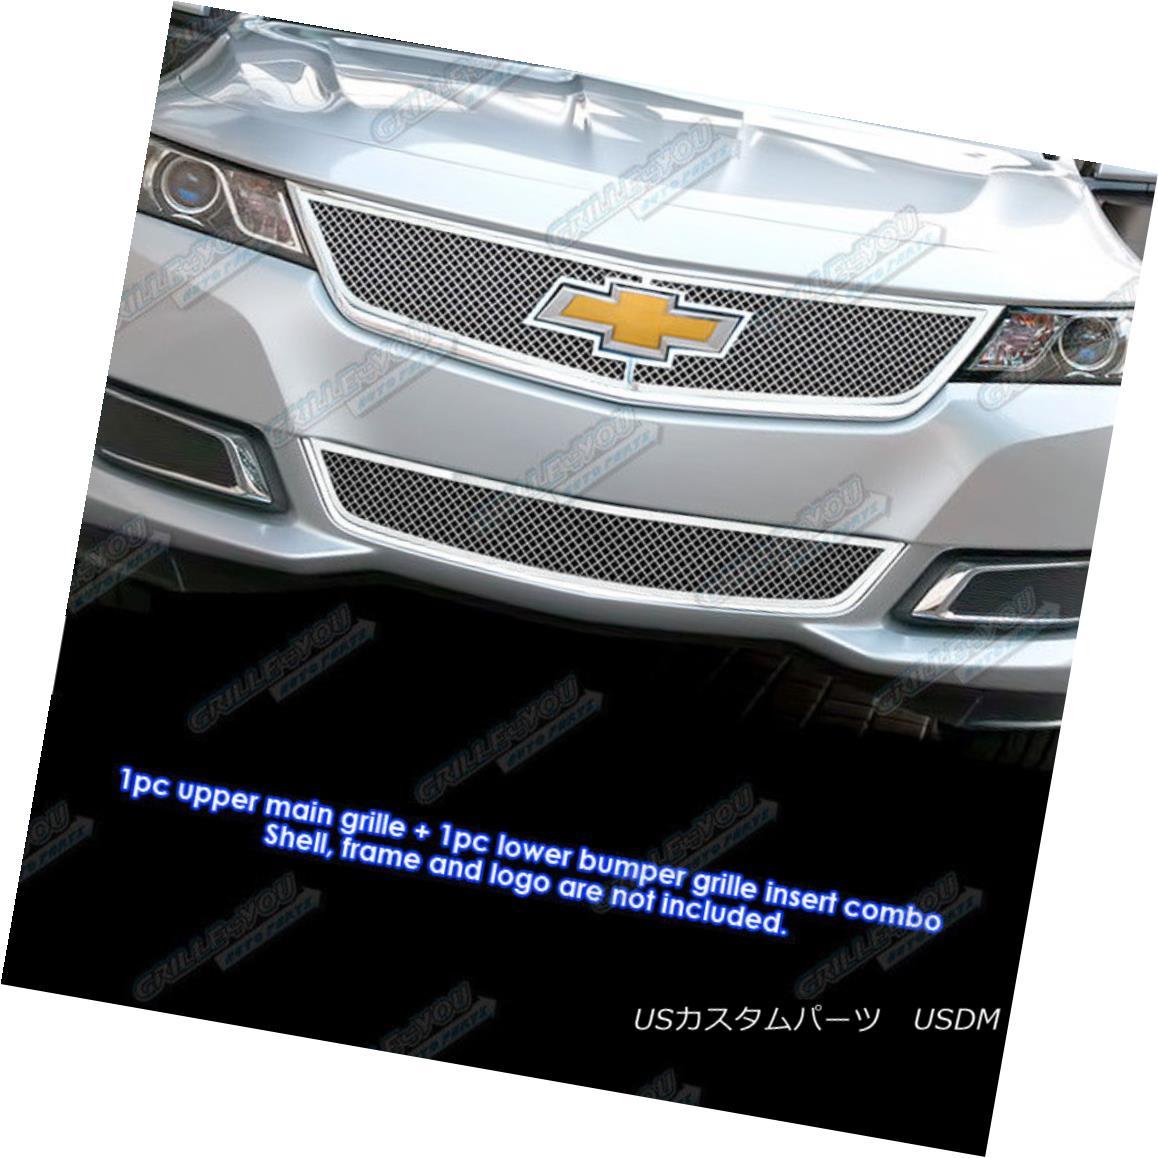 グリル Fits 2014-2016 Chevy Impala Stainless Steel Bolt Over Mesh Grille Combo フィット2014-2016シェビーインパラステンレスボルトメッシュグリルコンボ